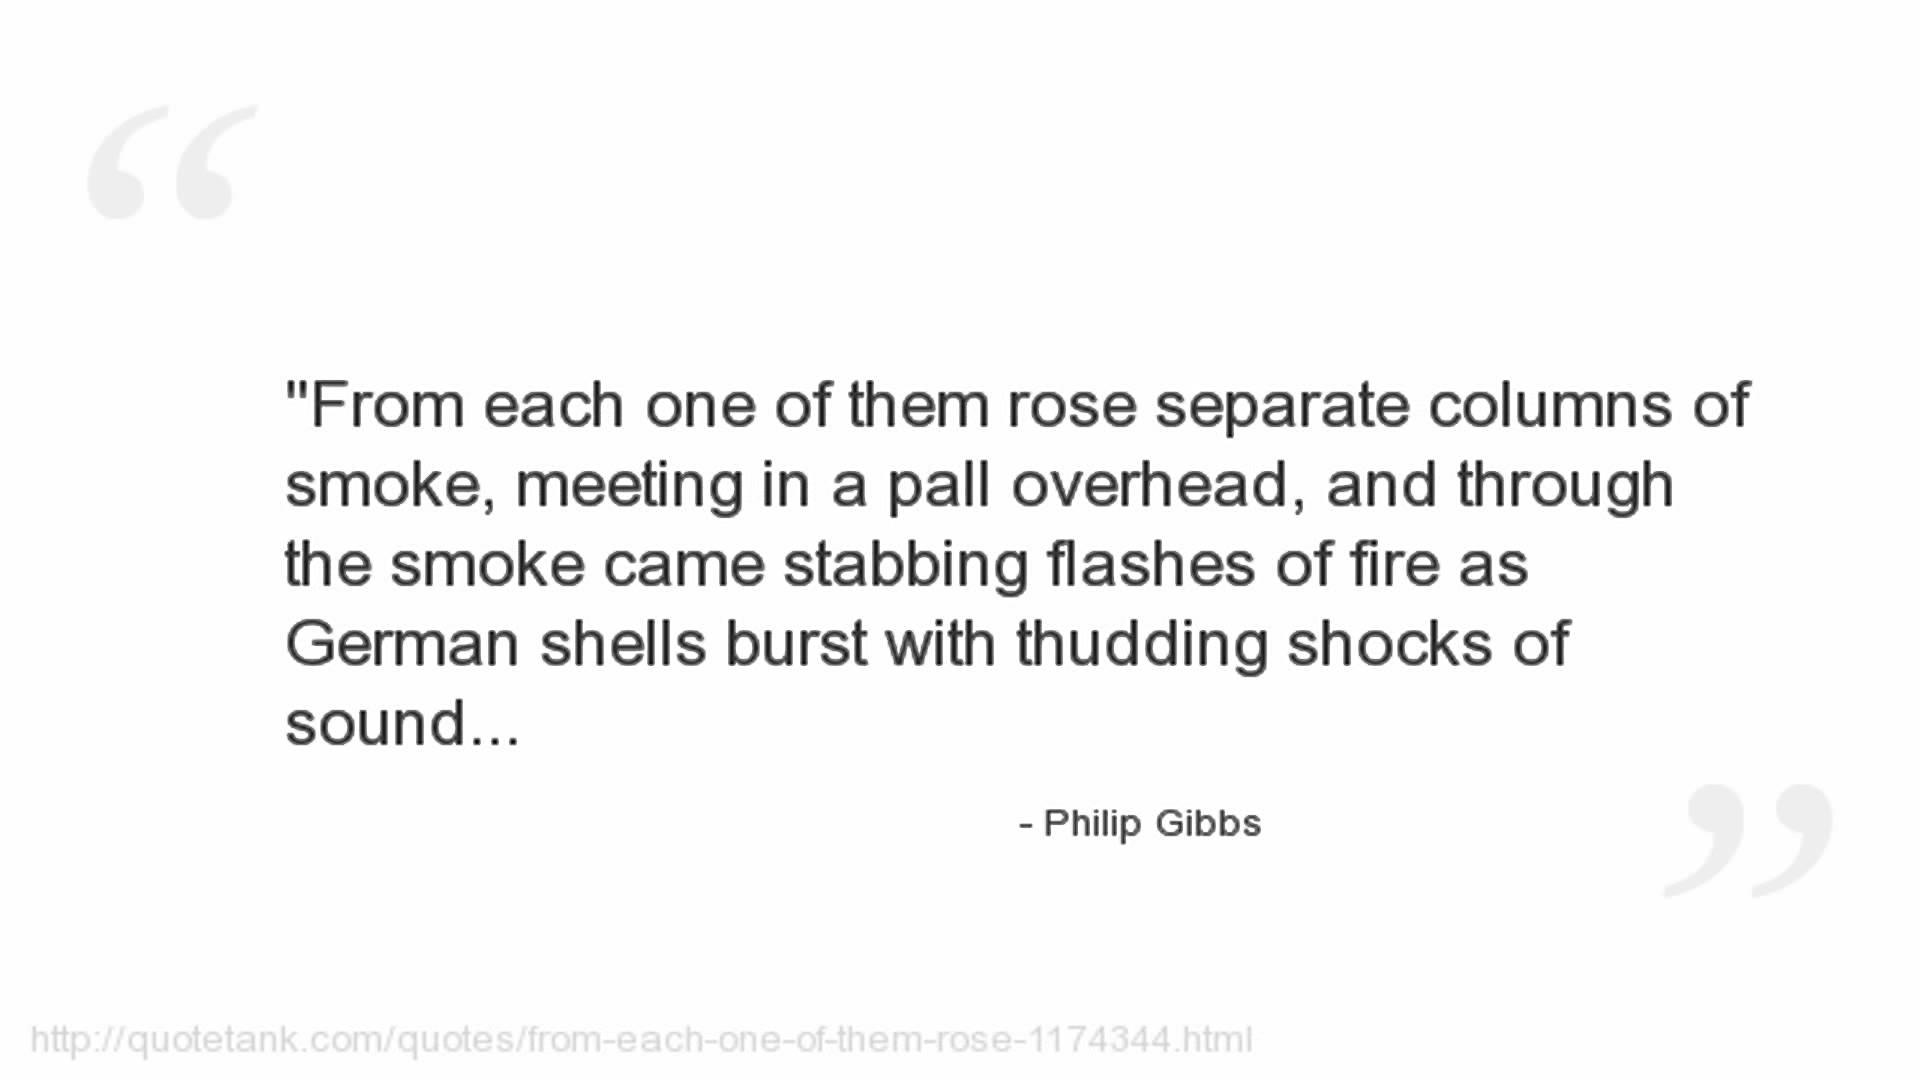 Philip Gibbs's quote